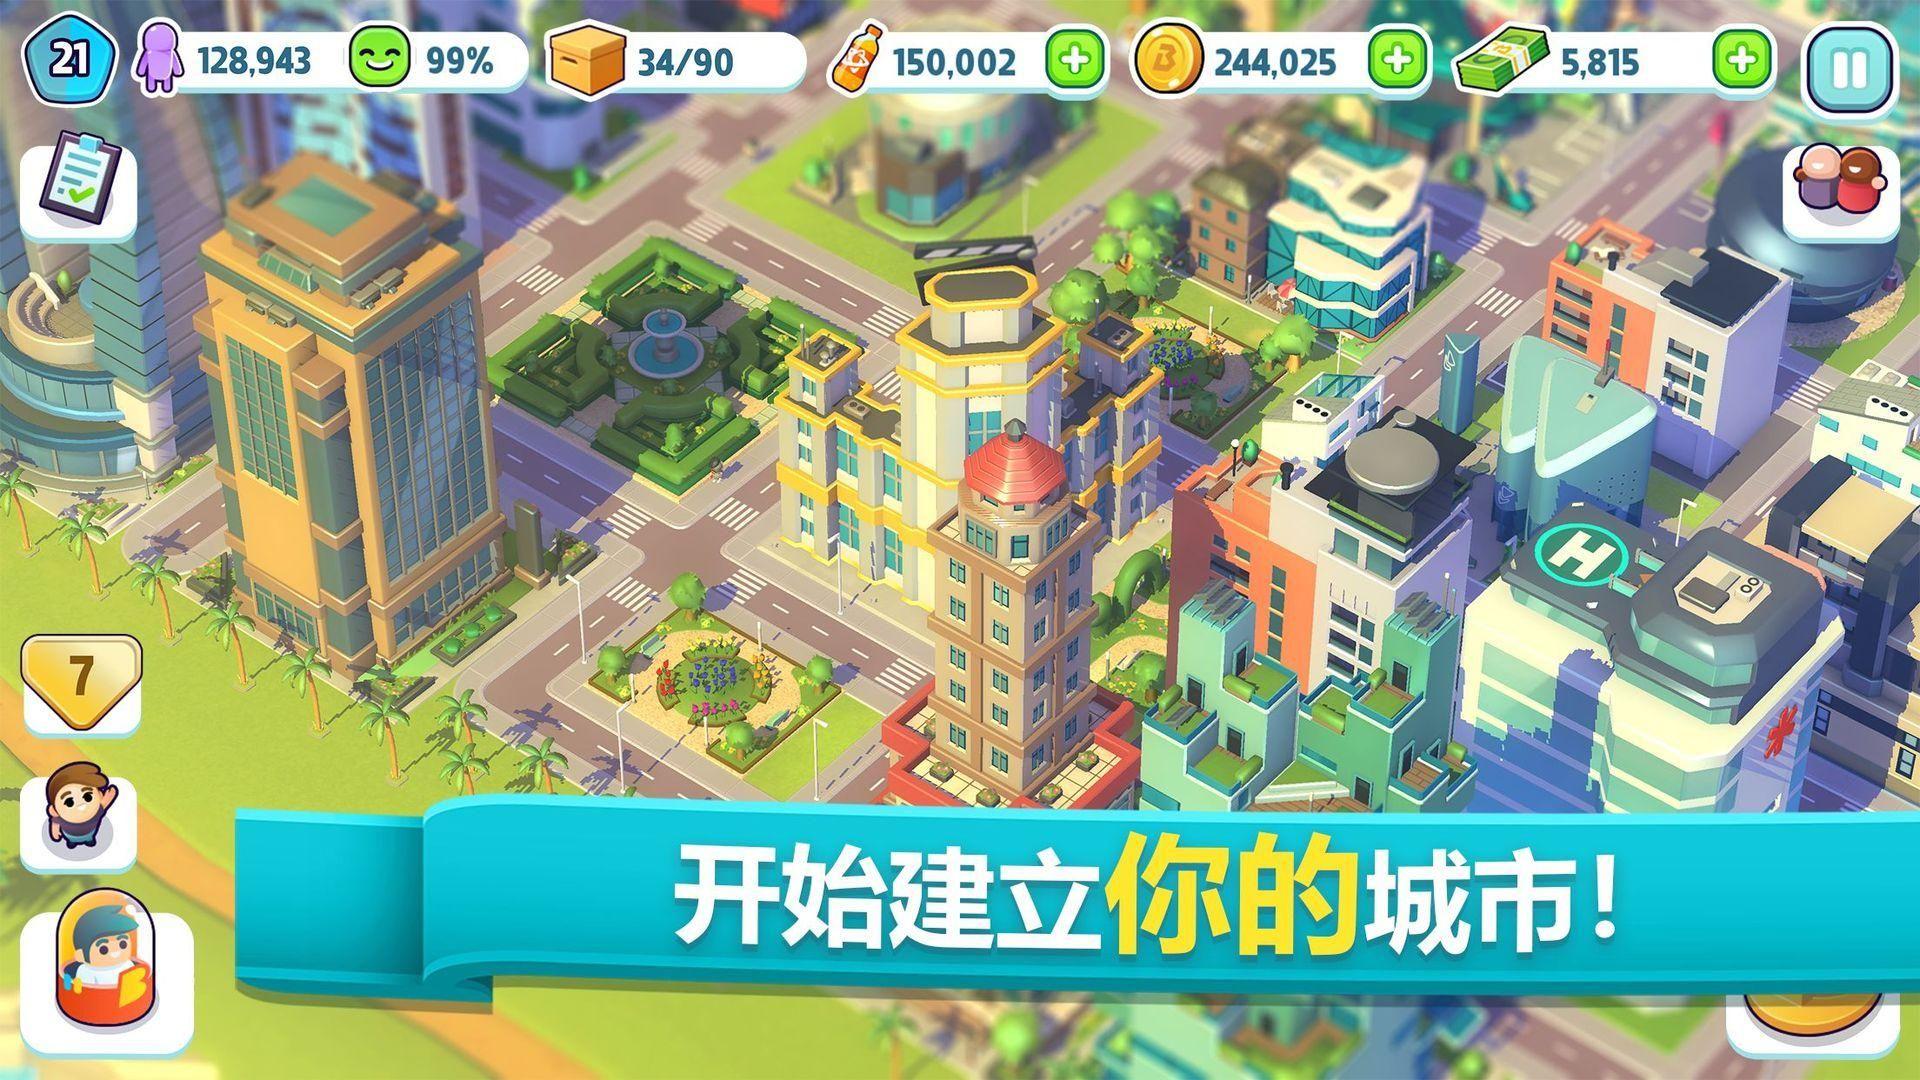 炫动城市:城市建造游戏 游戏截图1